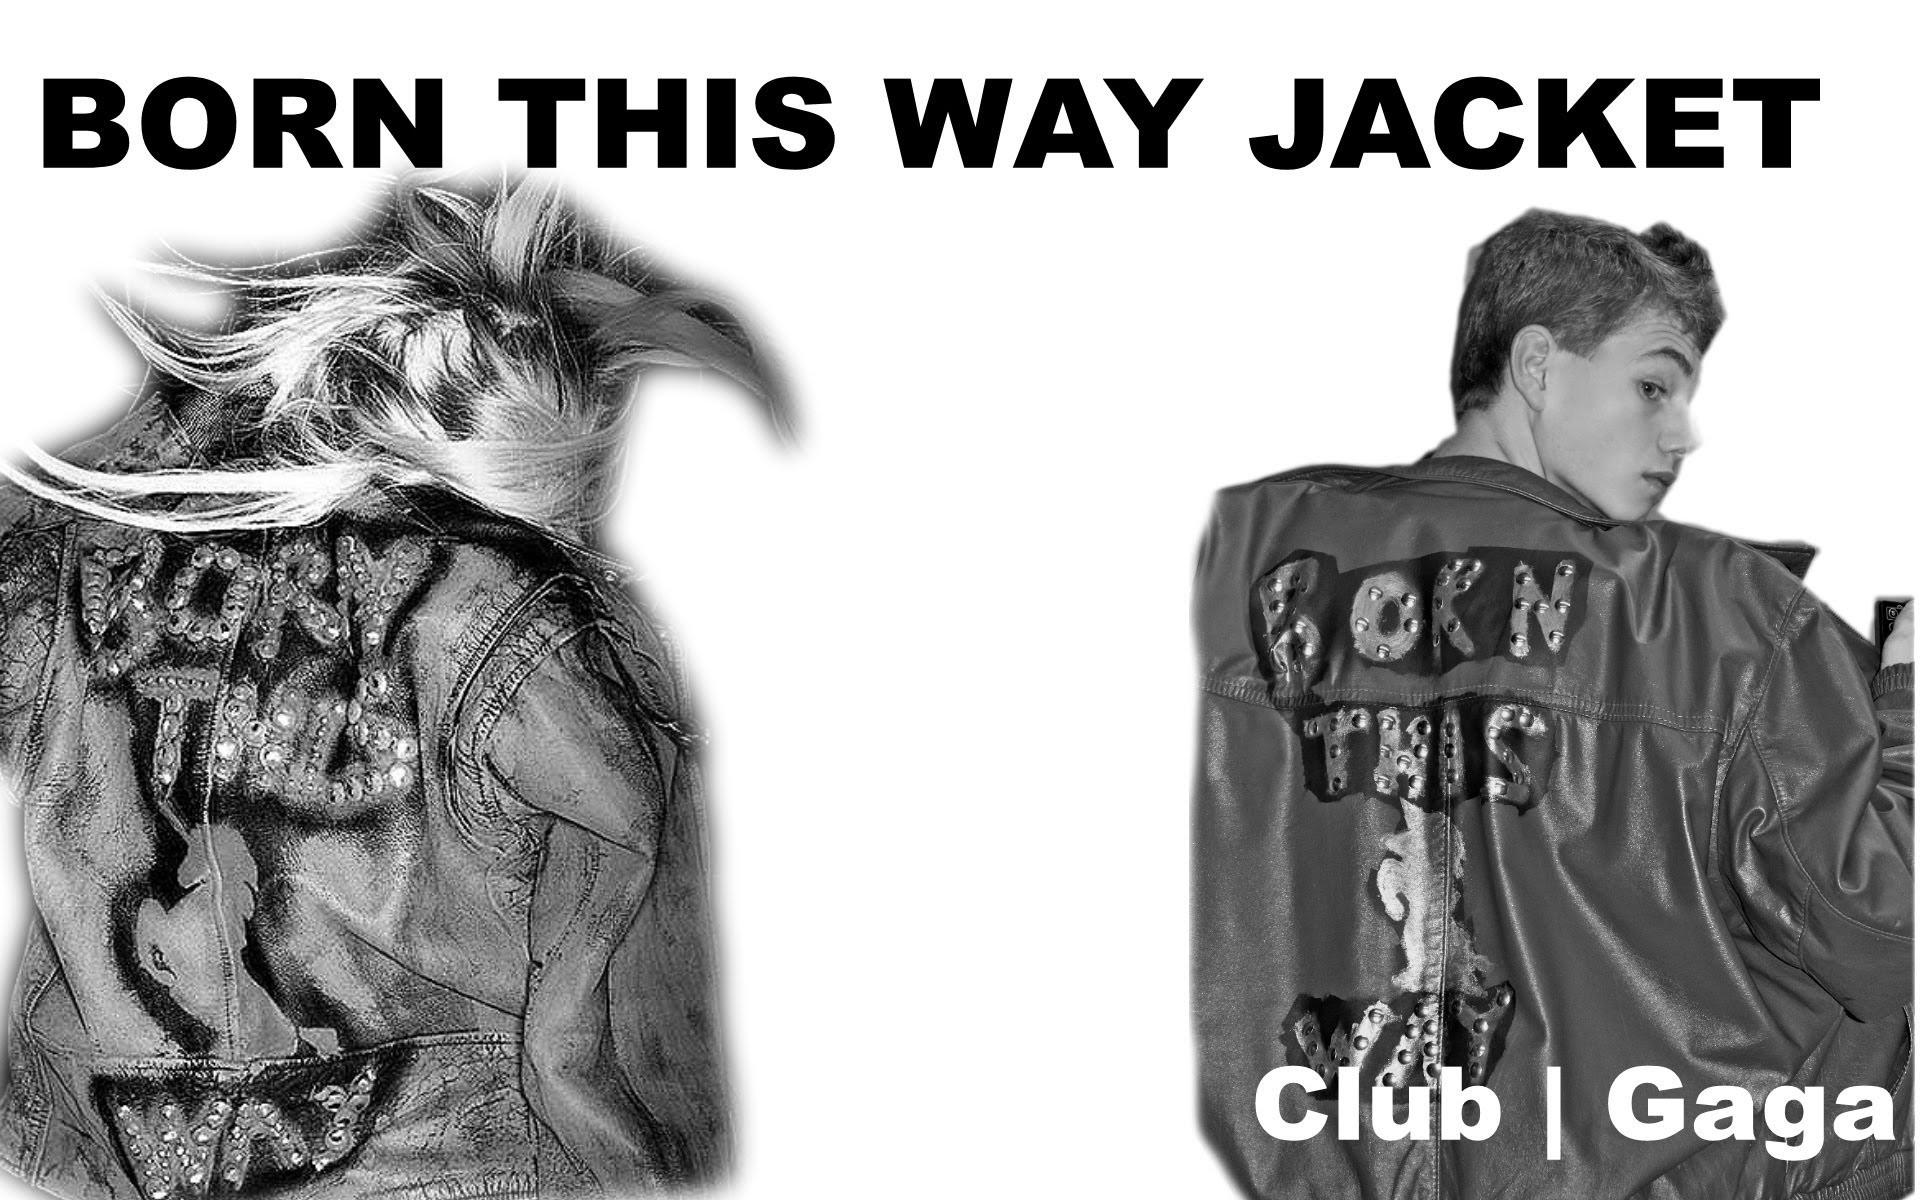 How to make Lady Gaga's BORN THIS WAY JACKET!!! - DIY